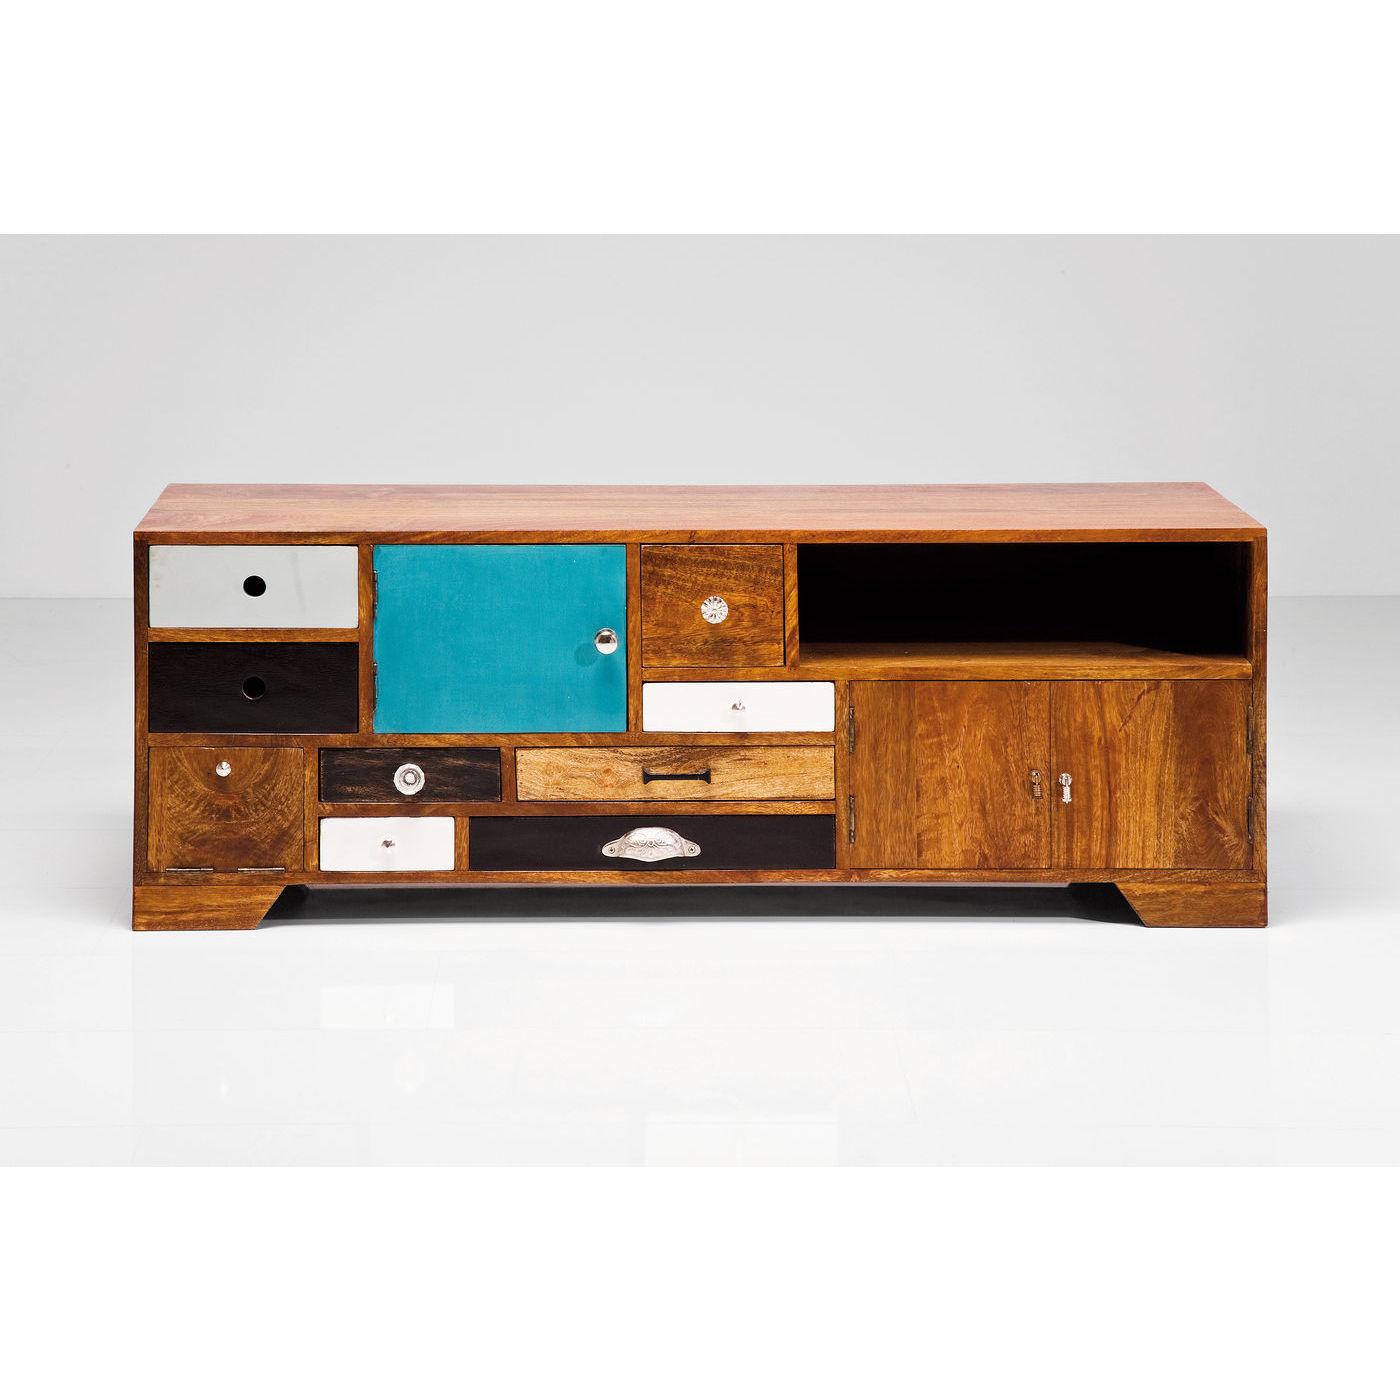 kare design – Kare design babalou tv-bord - lakeret træ, m. 8 skuffer i forskellige farver på boboonline.dk